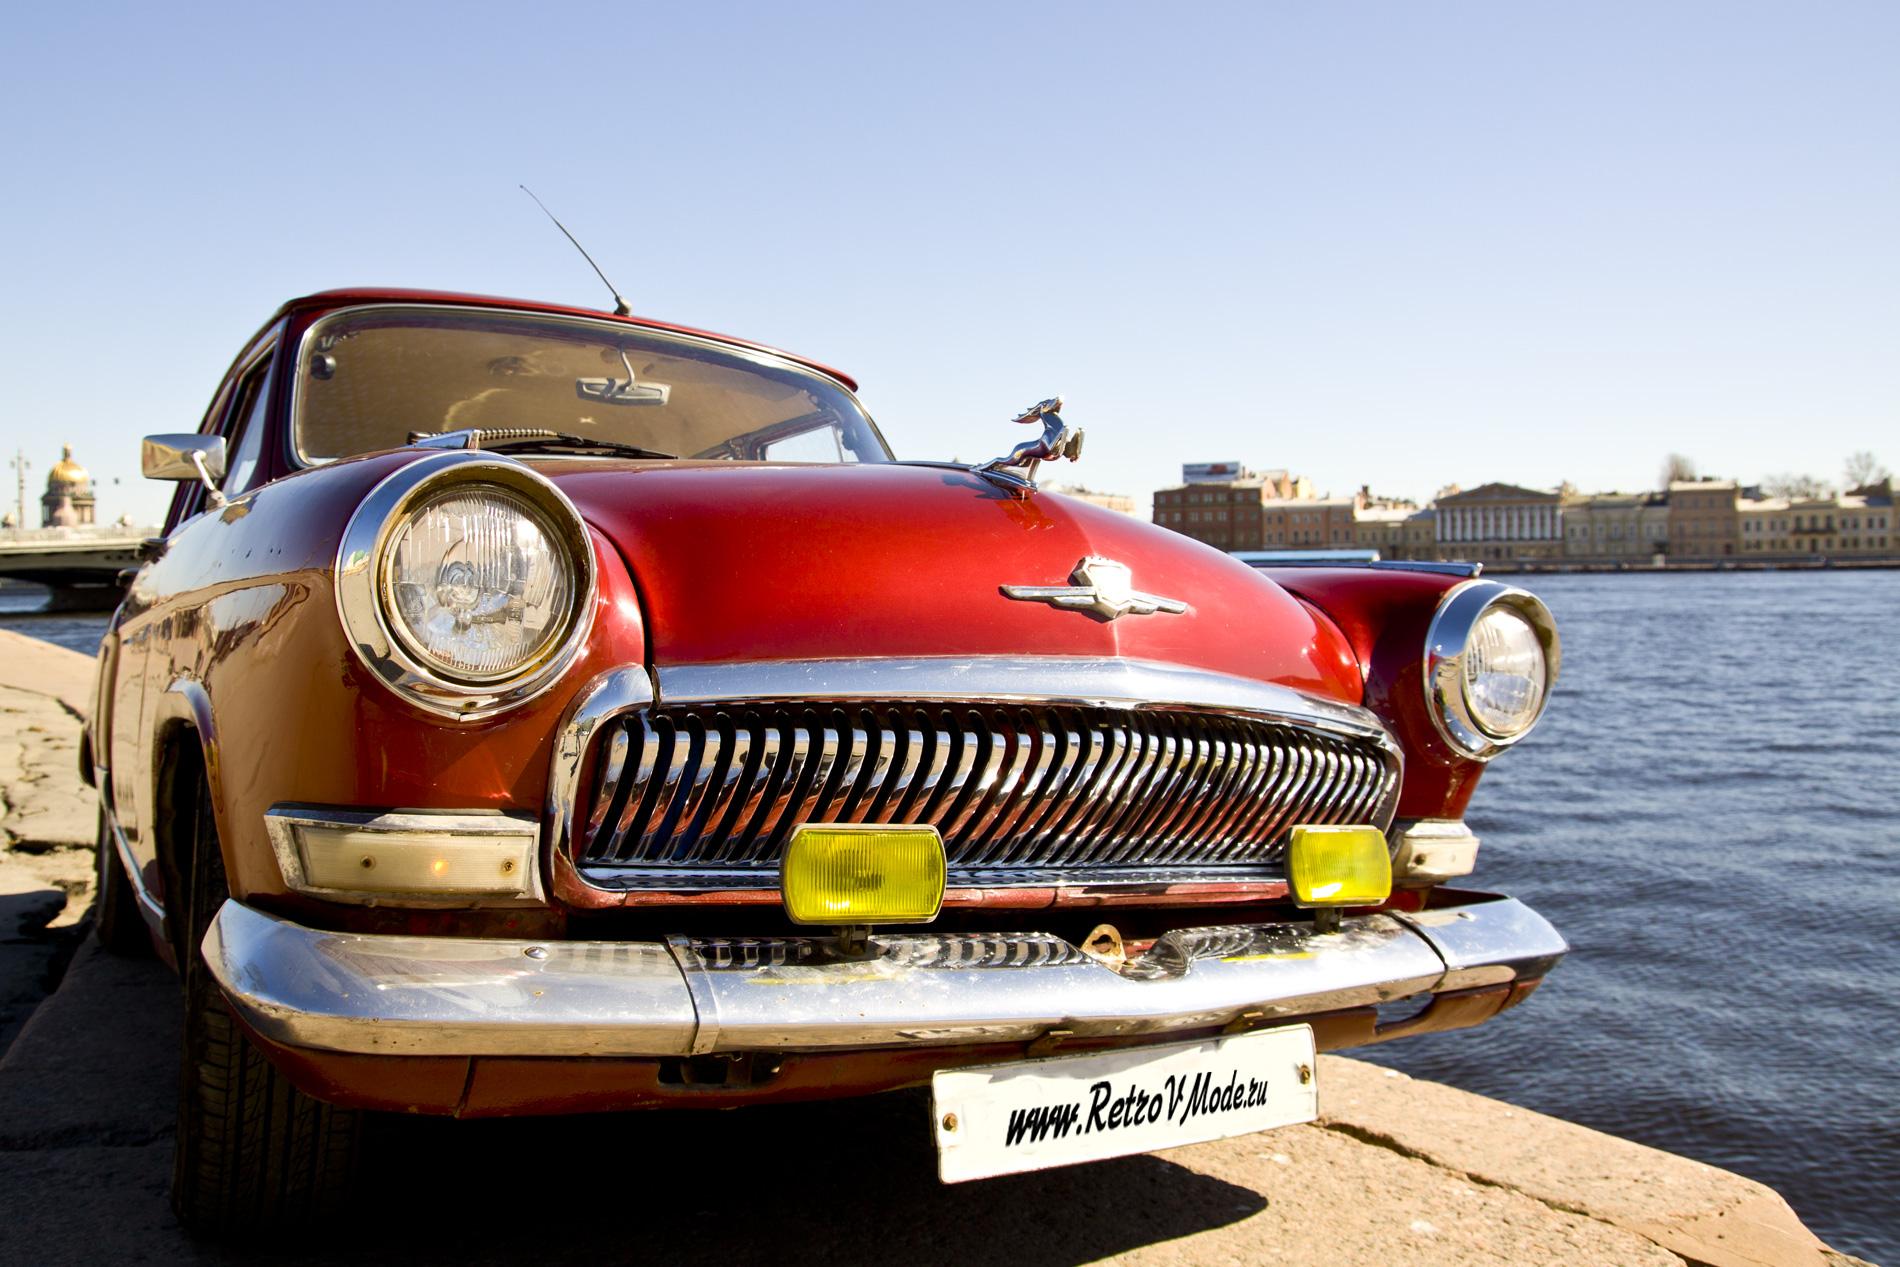 впрочем, этого ретро авто российские фото очаровательный местами вредный